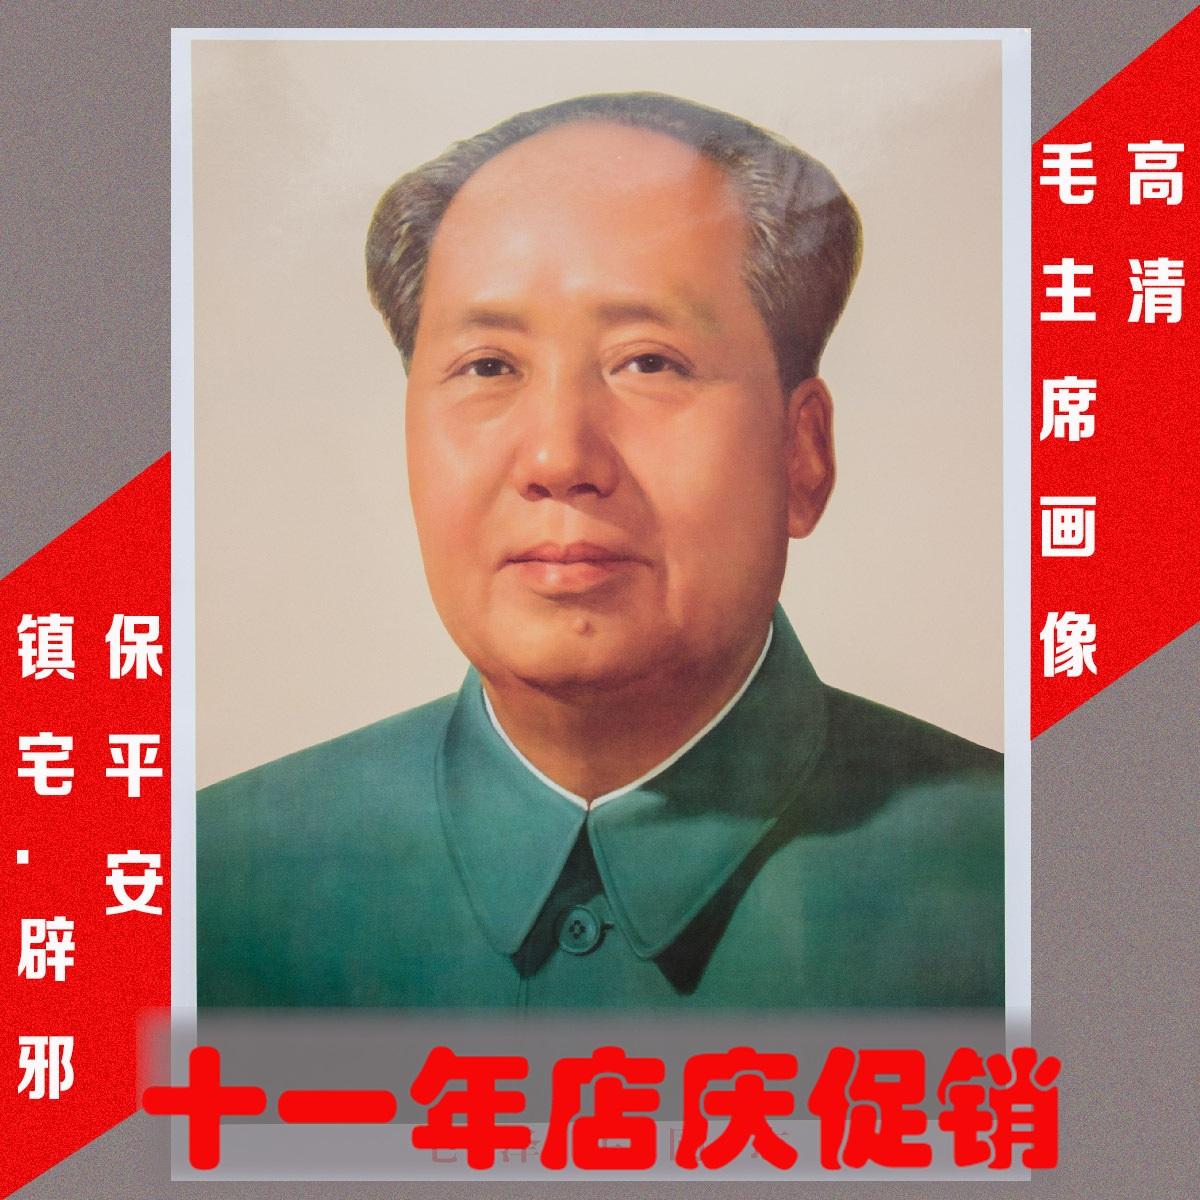 72年标准版毛主席画像毛泽东年画壁画伟人办公大厅墙画小中大号